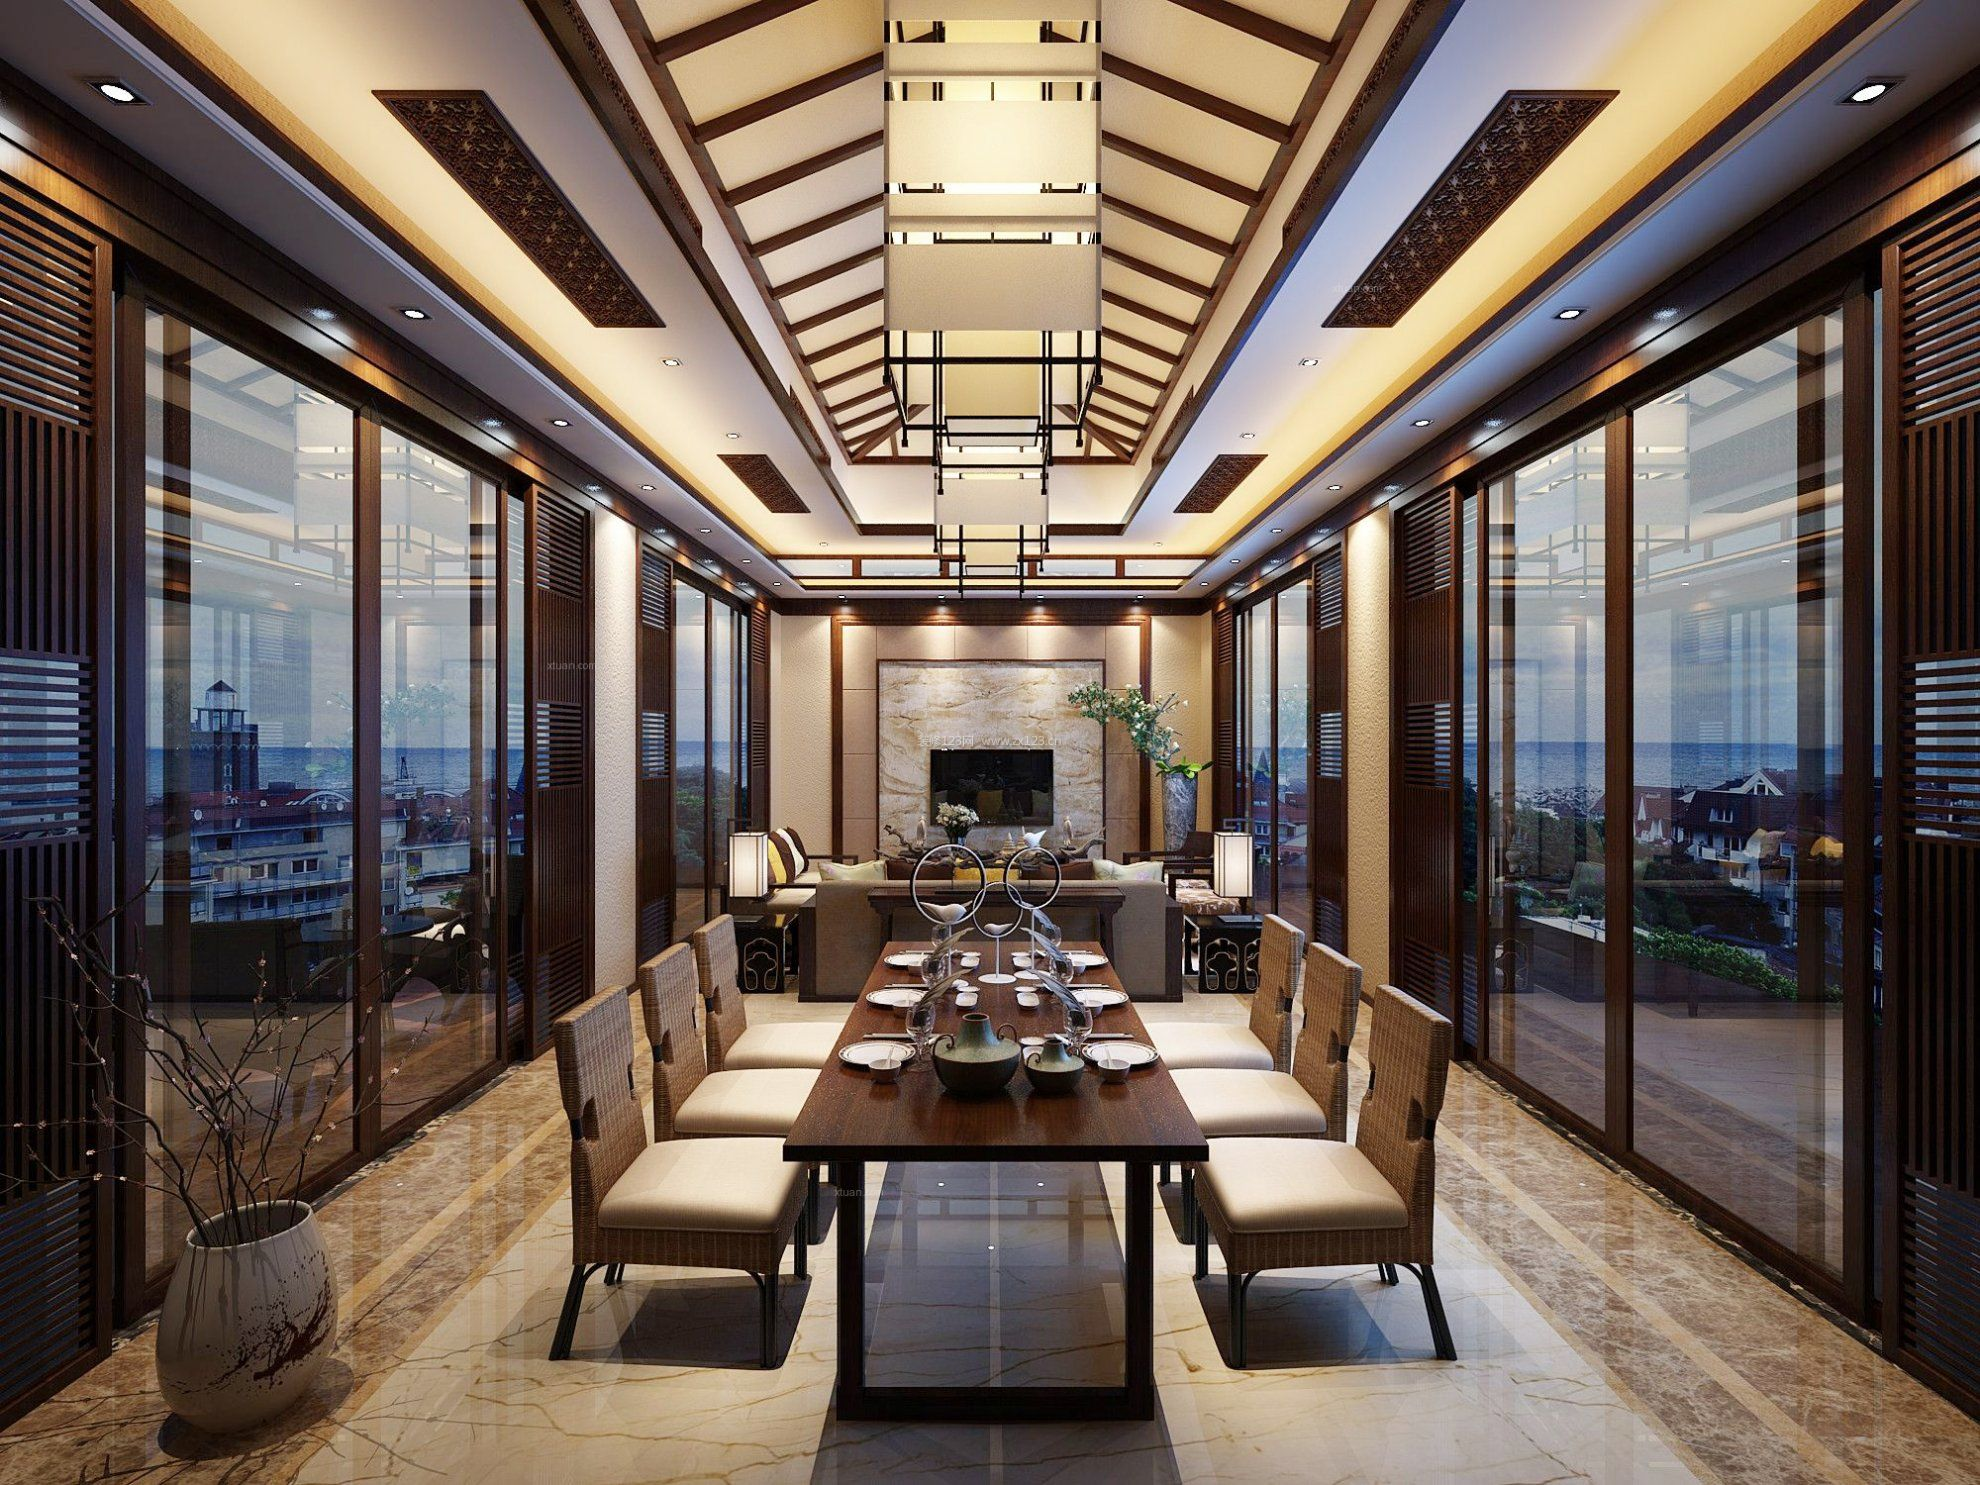 东南亚风格别墅餐厅吊顶效果图片欣赏